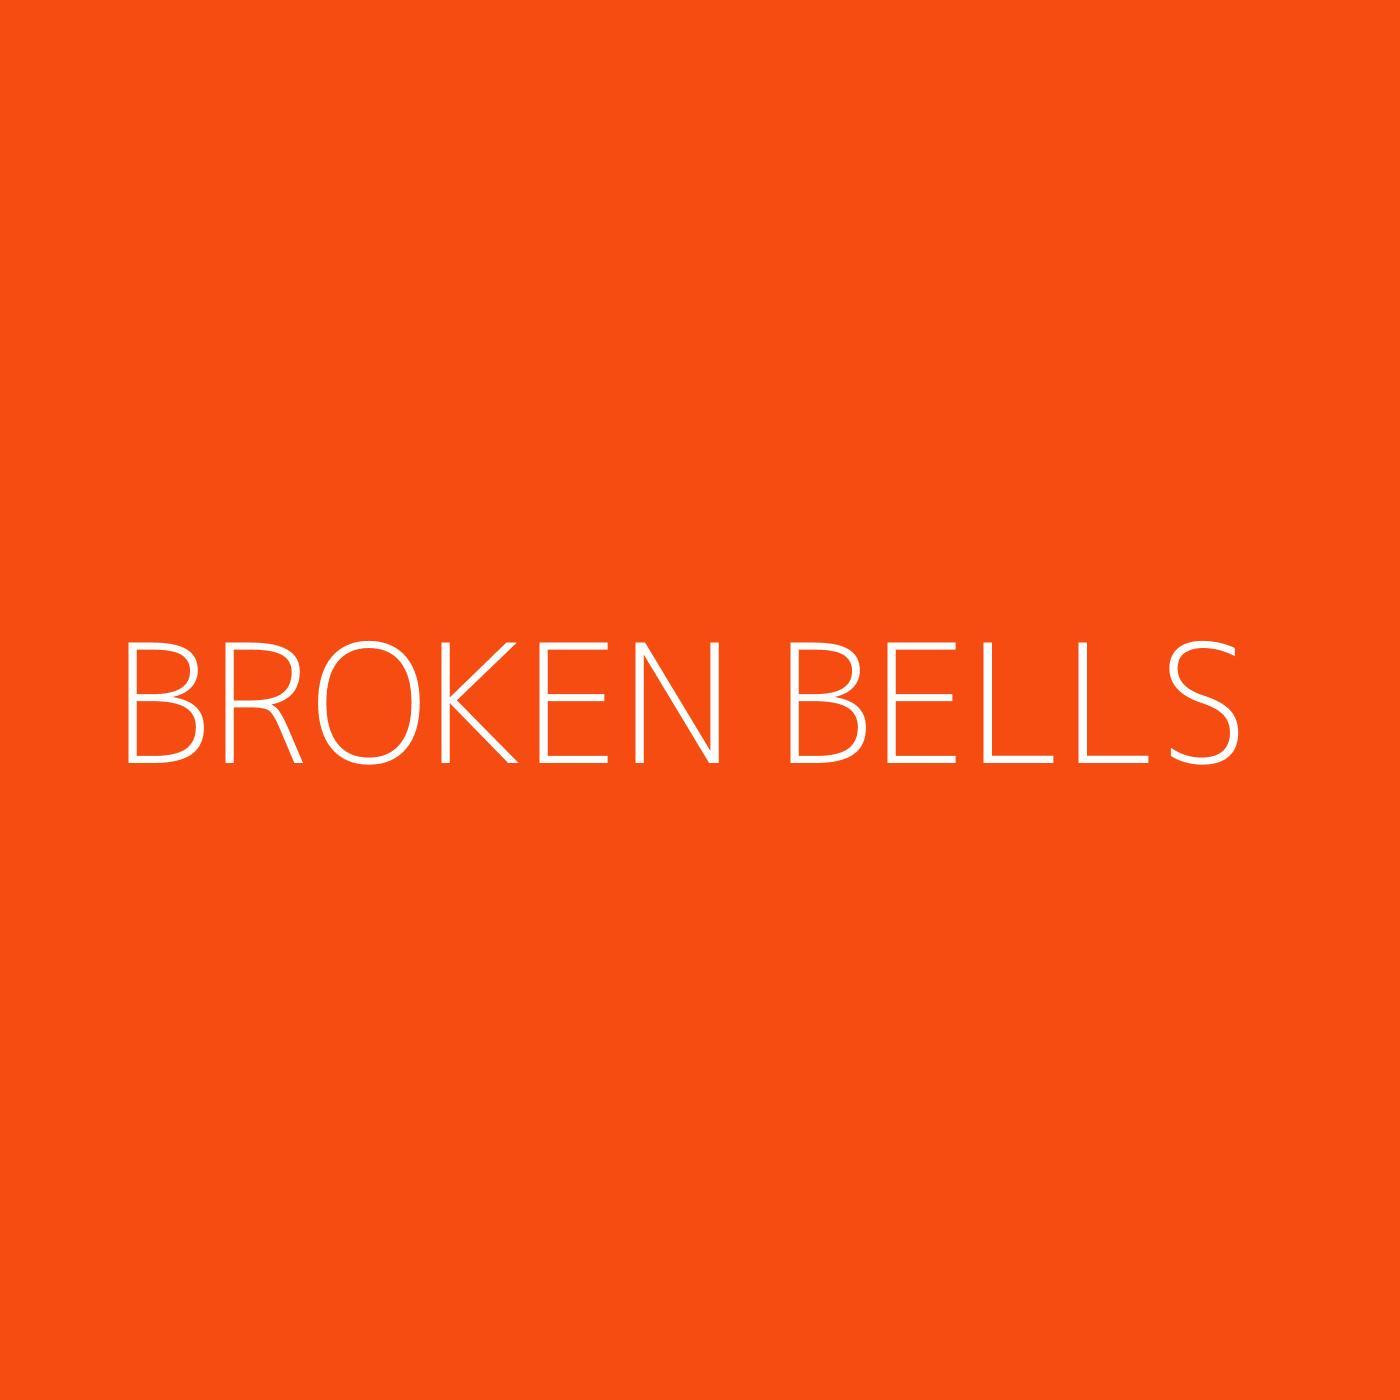 Broken Bells Playlist Artwork